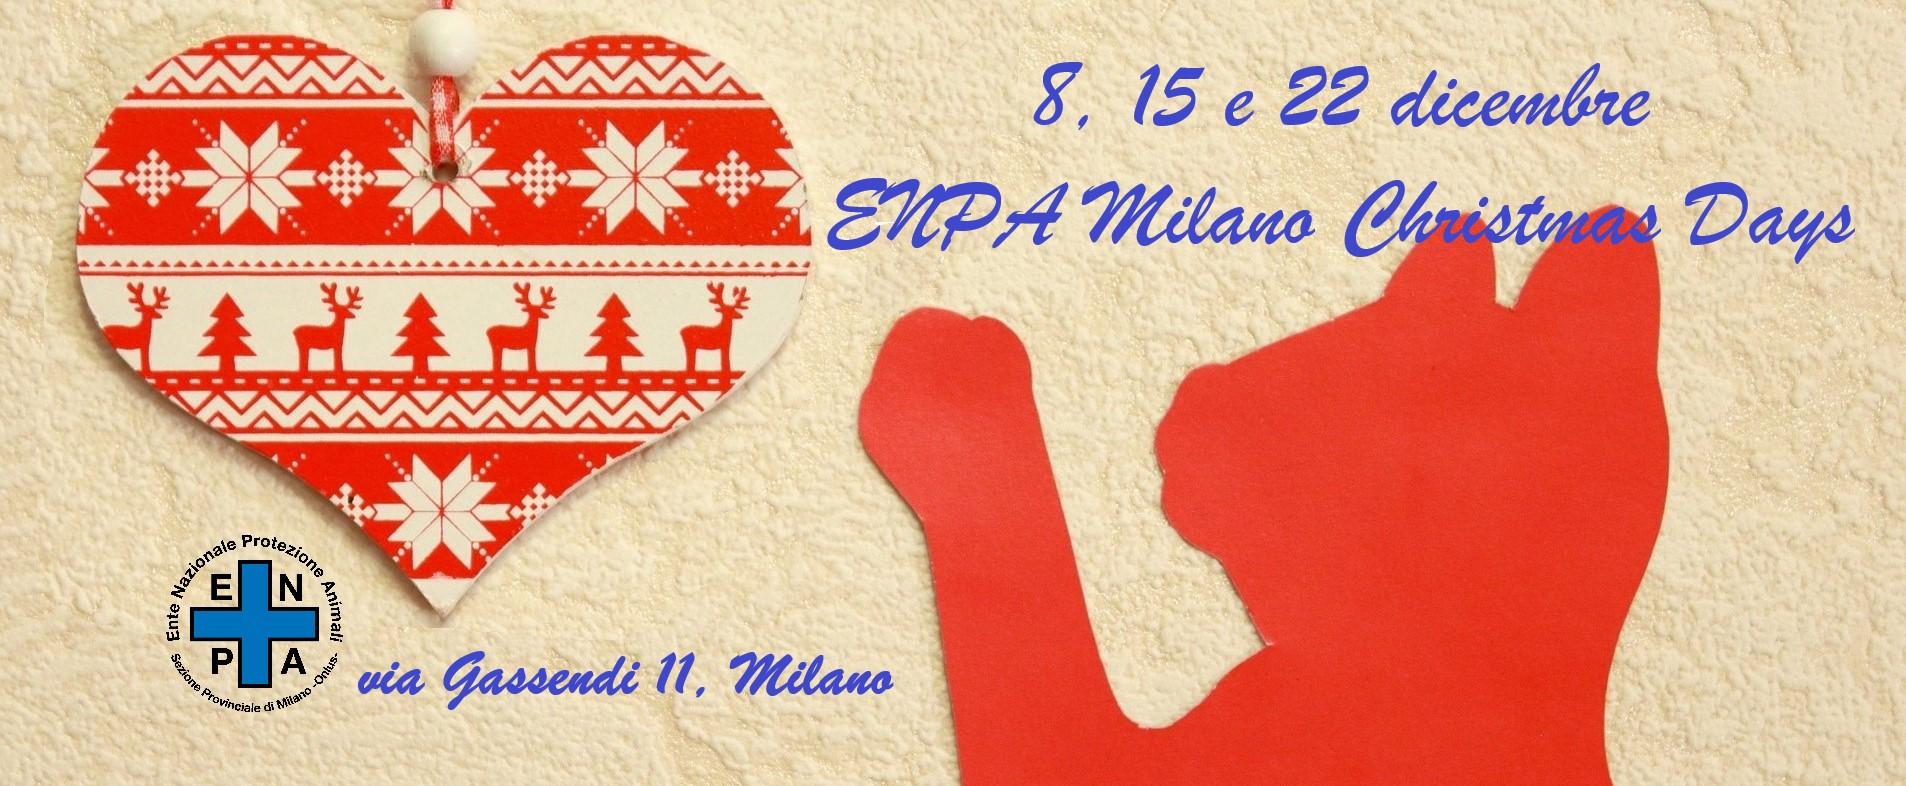 Per Natale scegli i regali solidali di ENPA Milano